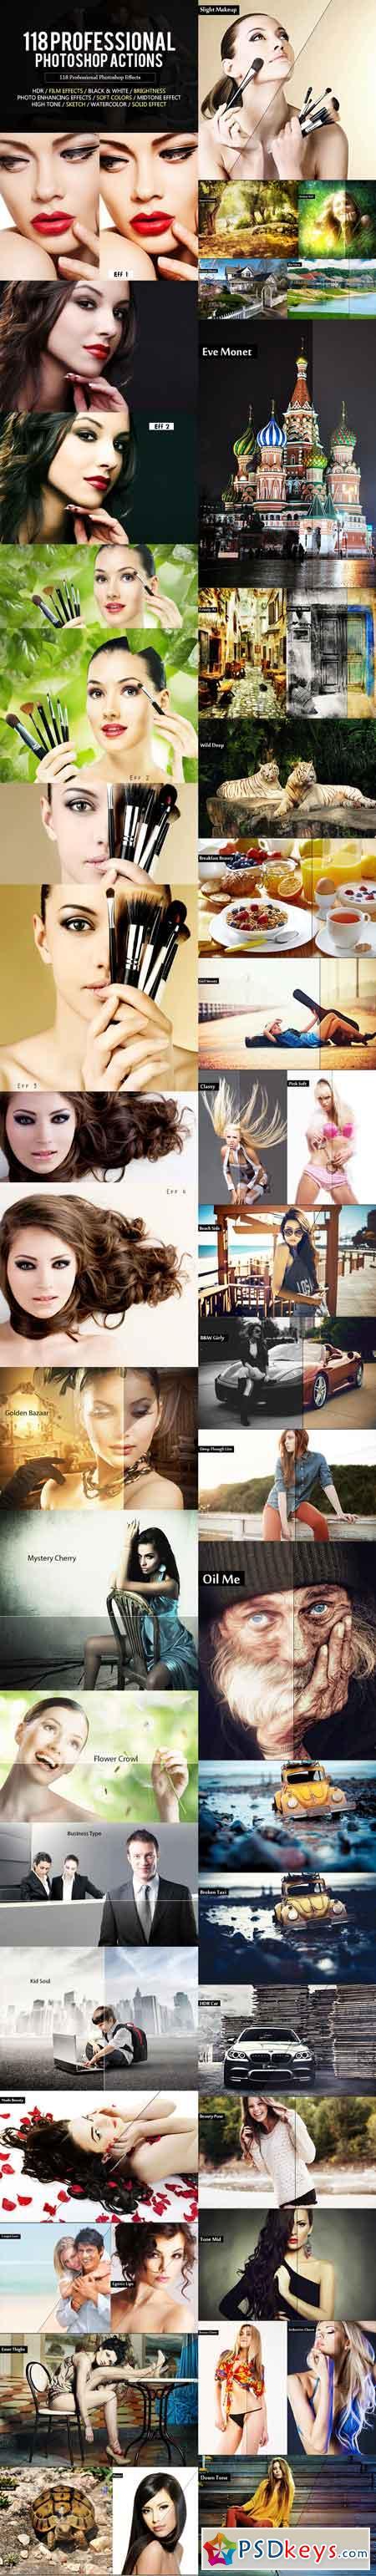 118 Professional Photoshop Actions Bundle 18360409